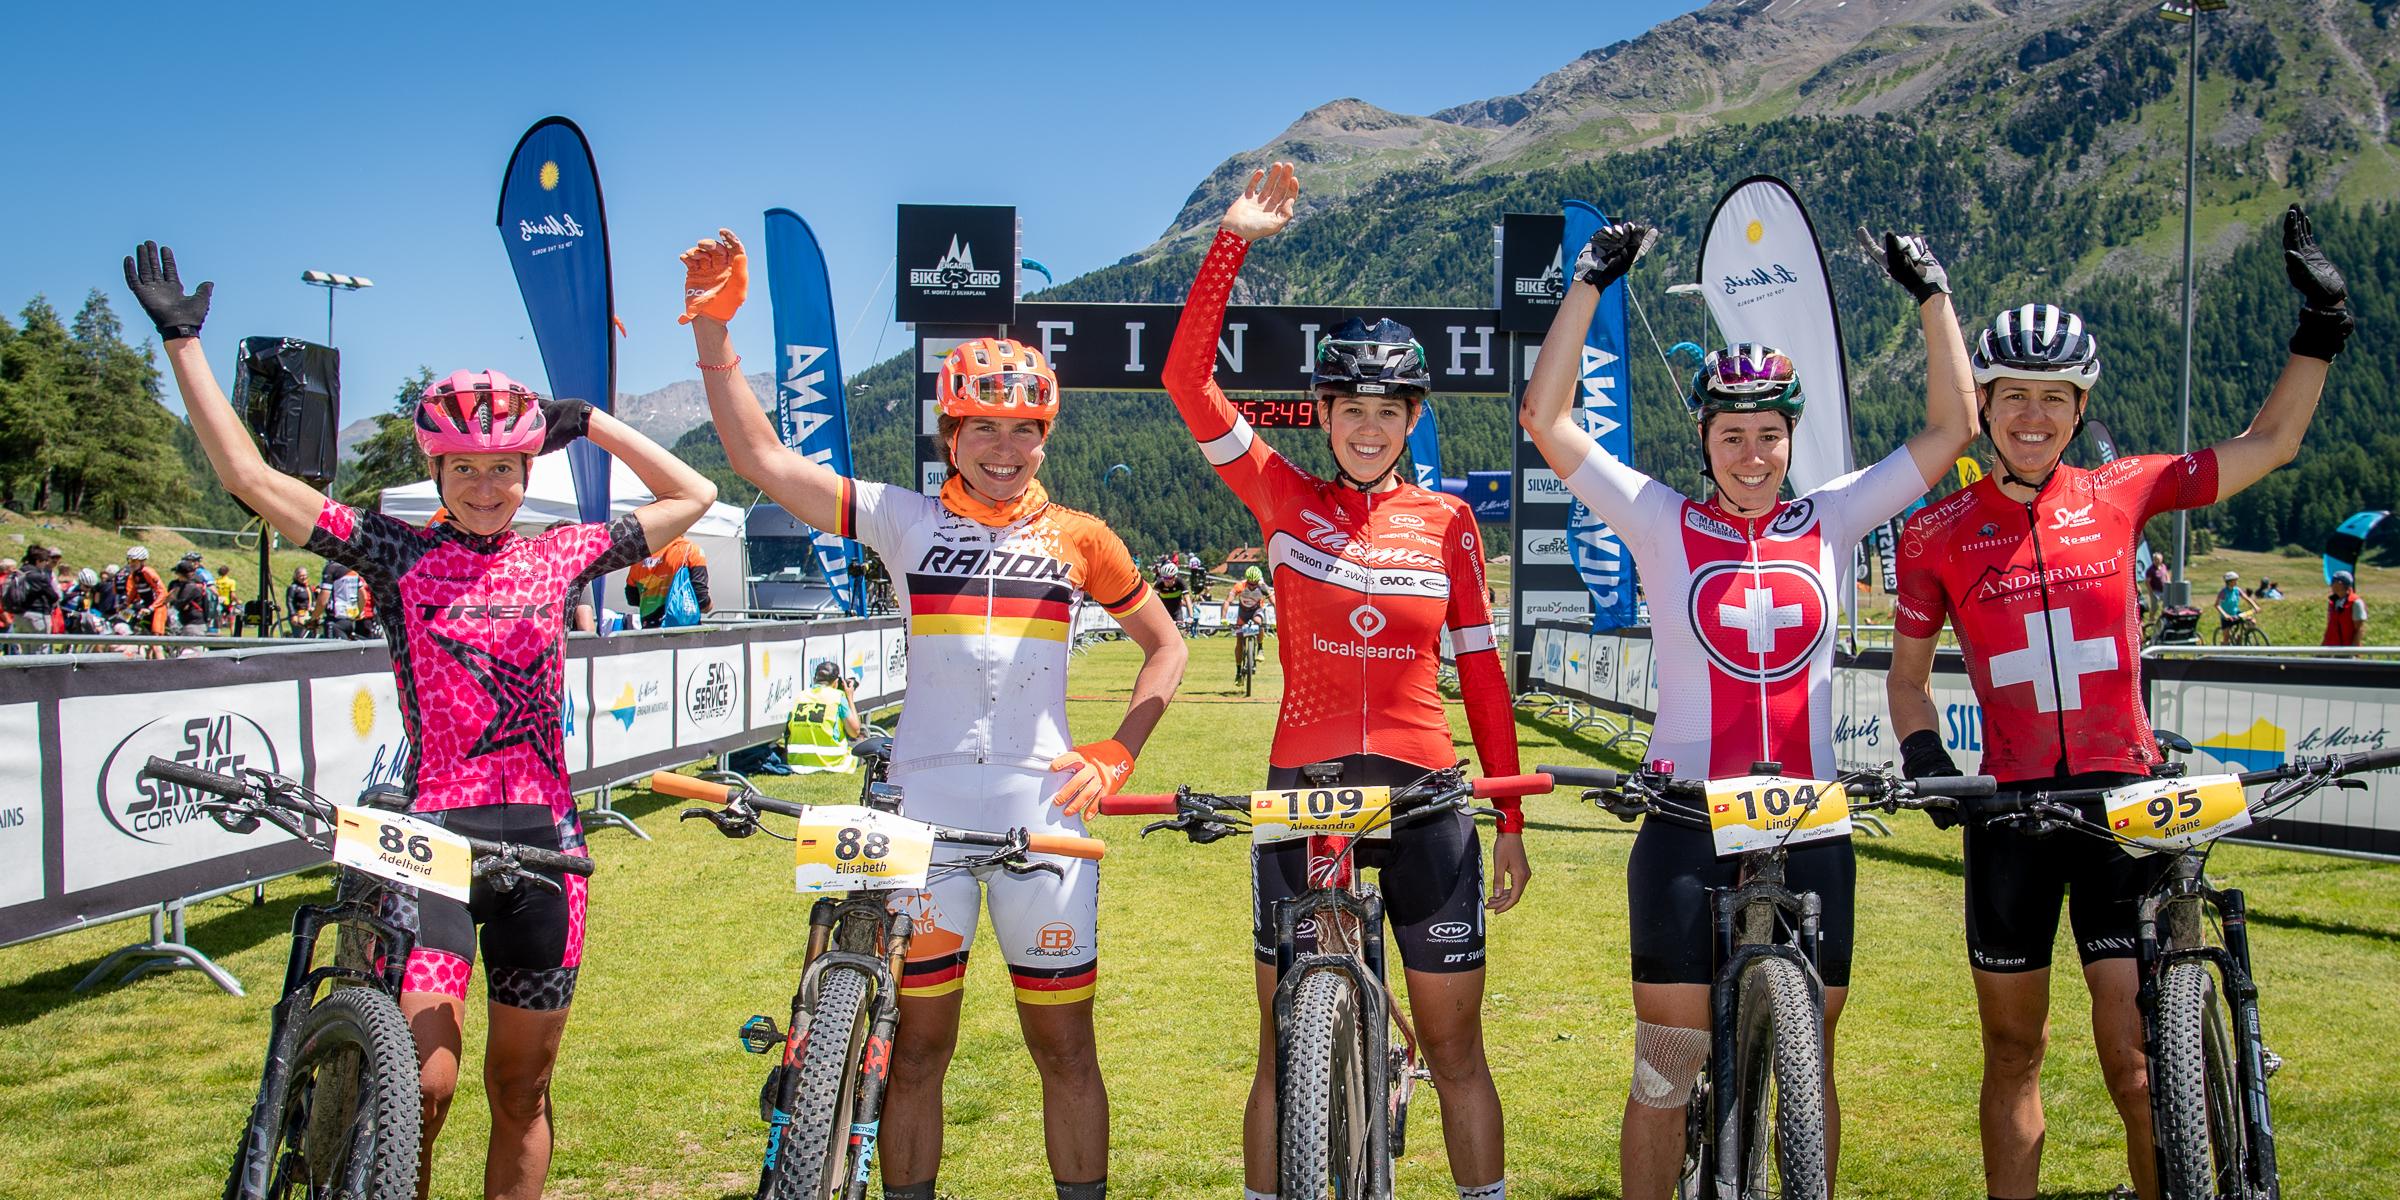 Finale am Kite-Beach: Keller und Vitzthum sichern sich Gesamtwertung des Engadin Bike Giro 2020